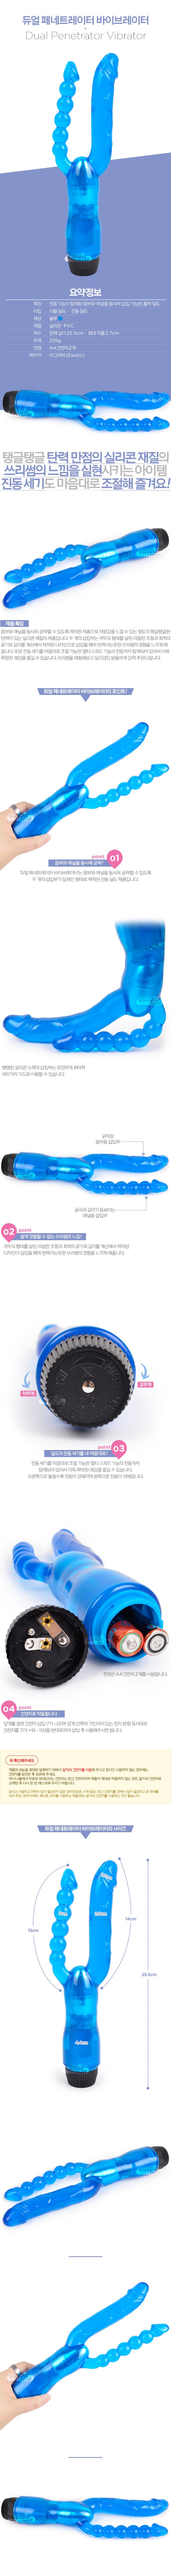 [미국 직수입] 듀얼 페네트레이터 바이브레이터(Dual Penetrator Vibrator) - 이그저틱(SE-0834-12-2) (EJT)